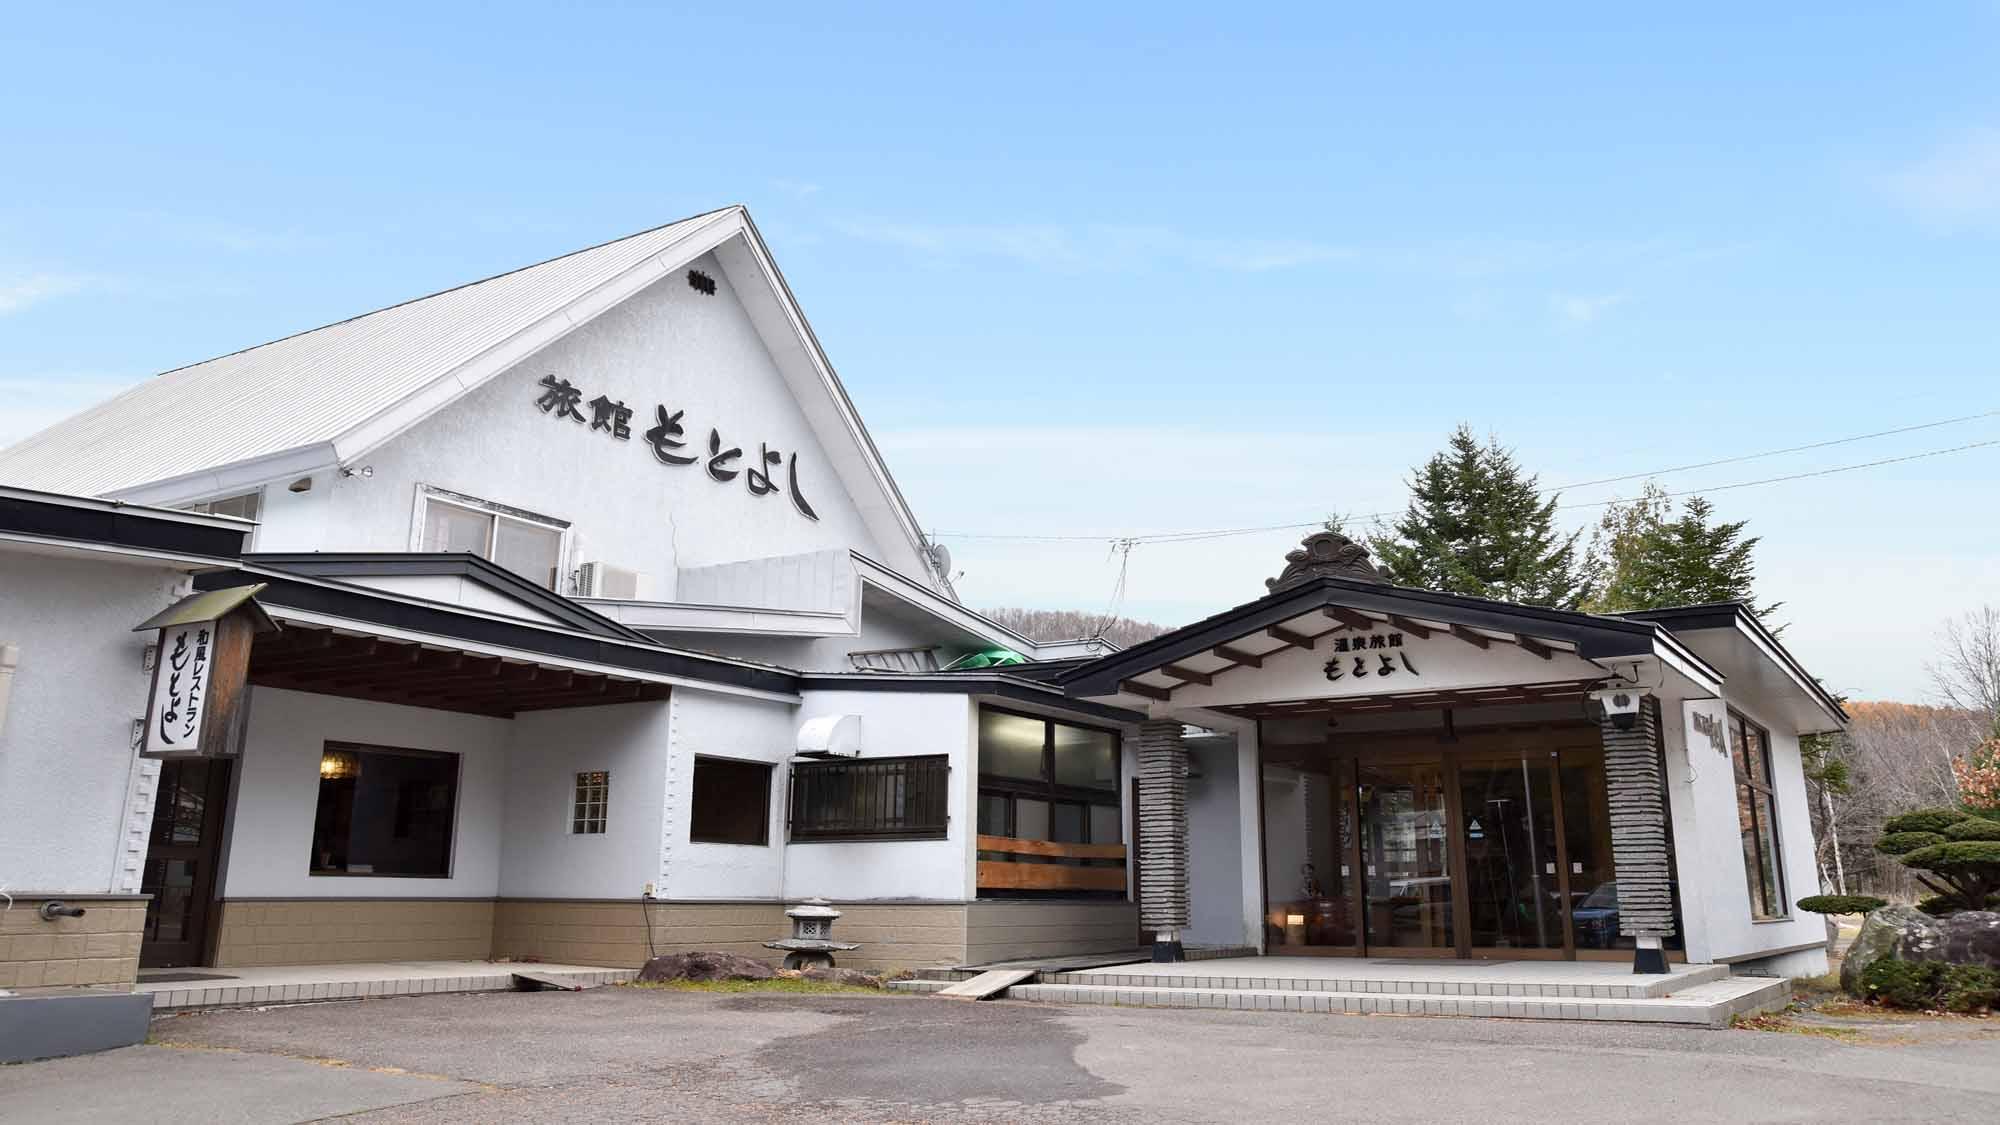 網走湖温泉 温泉旅館もとよしの施設画像